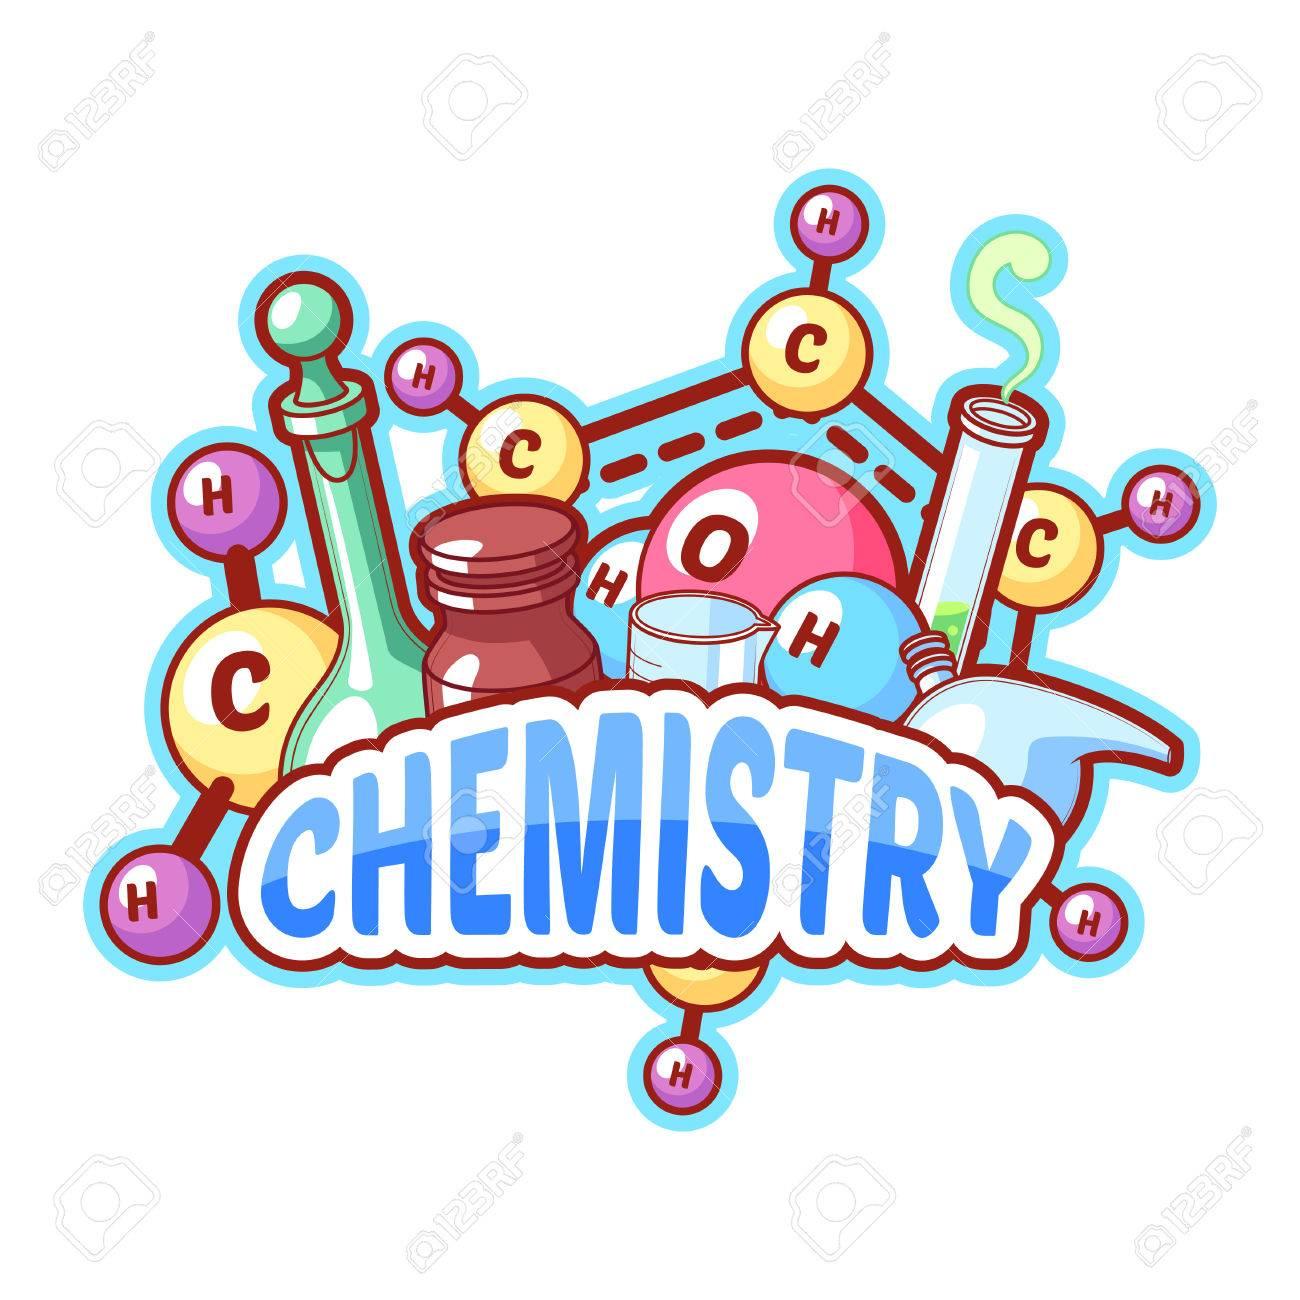 Chemistry clipart logo. Design